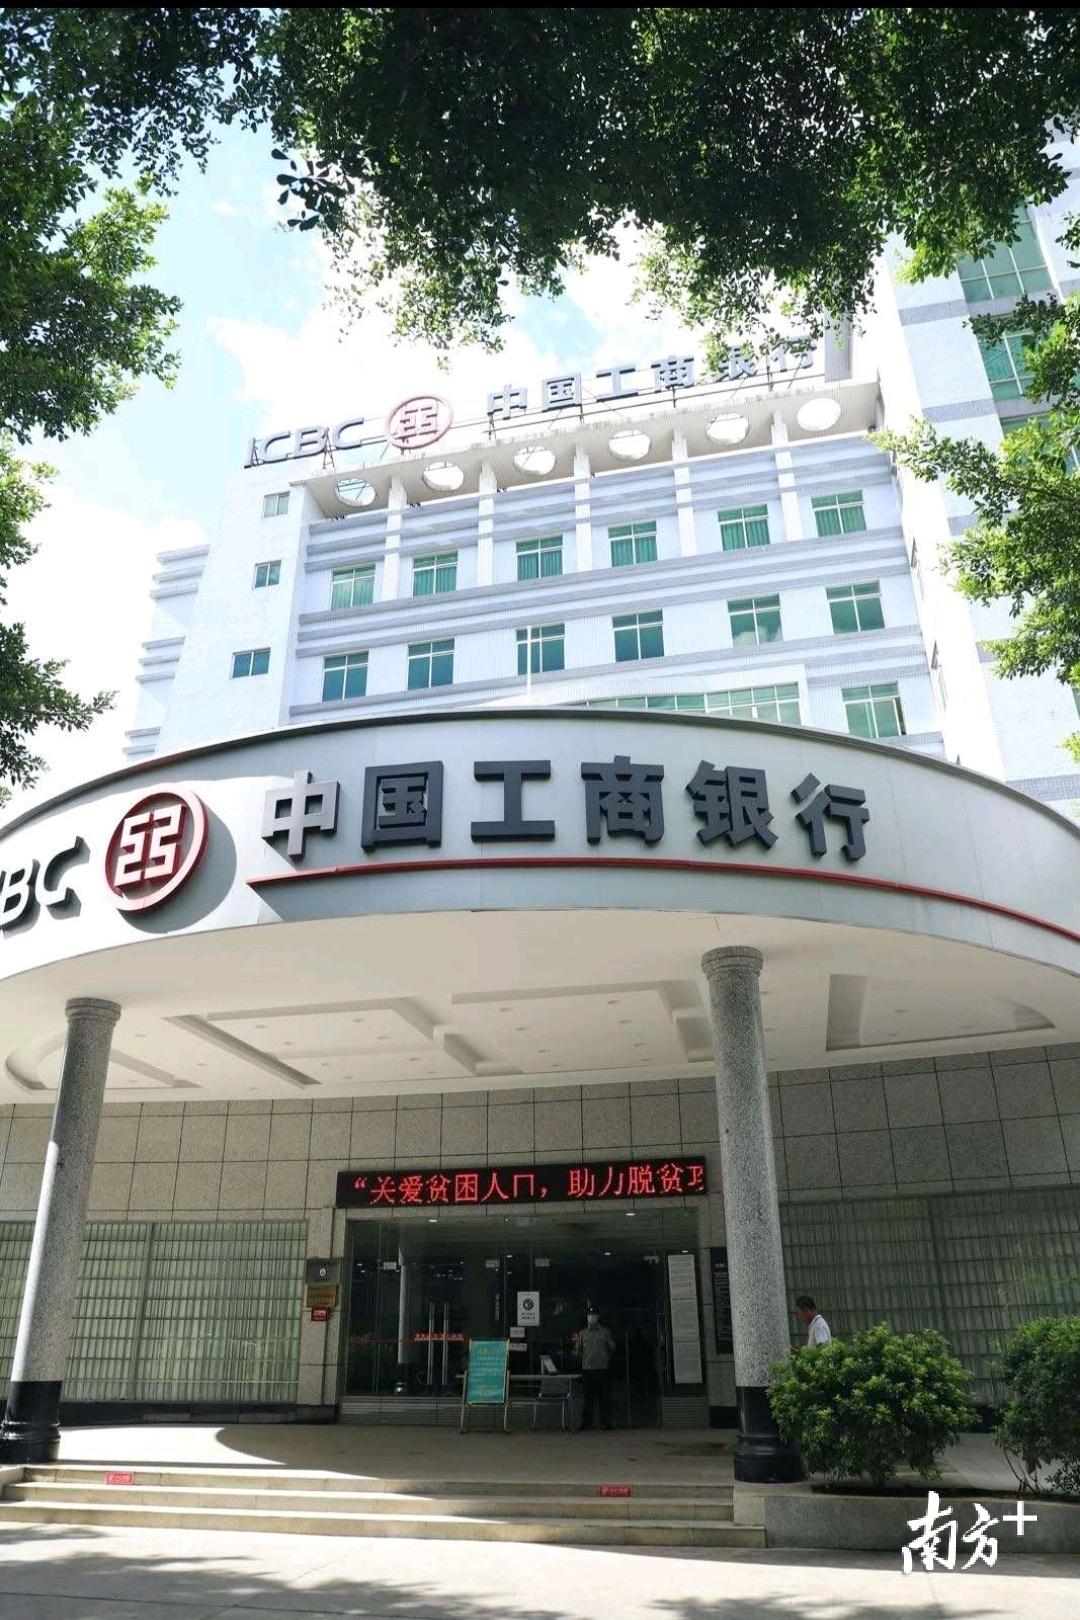 工行阳江分行办公楼外景。